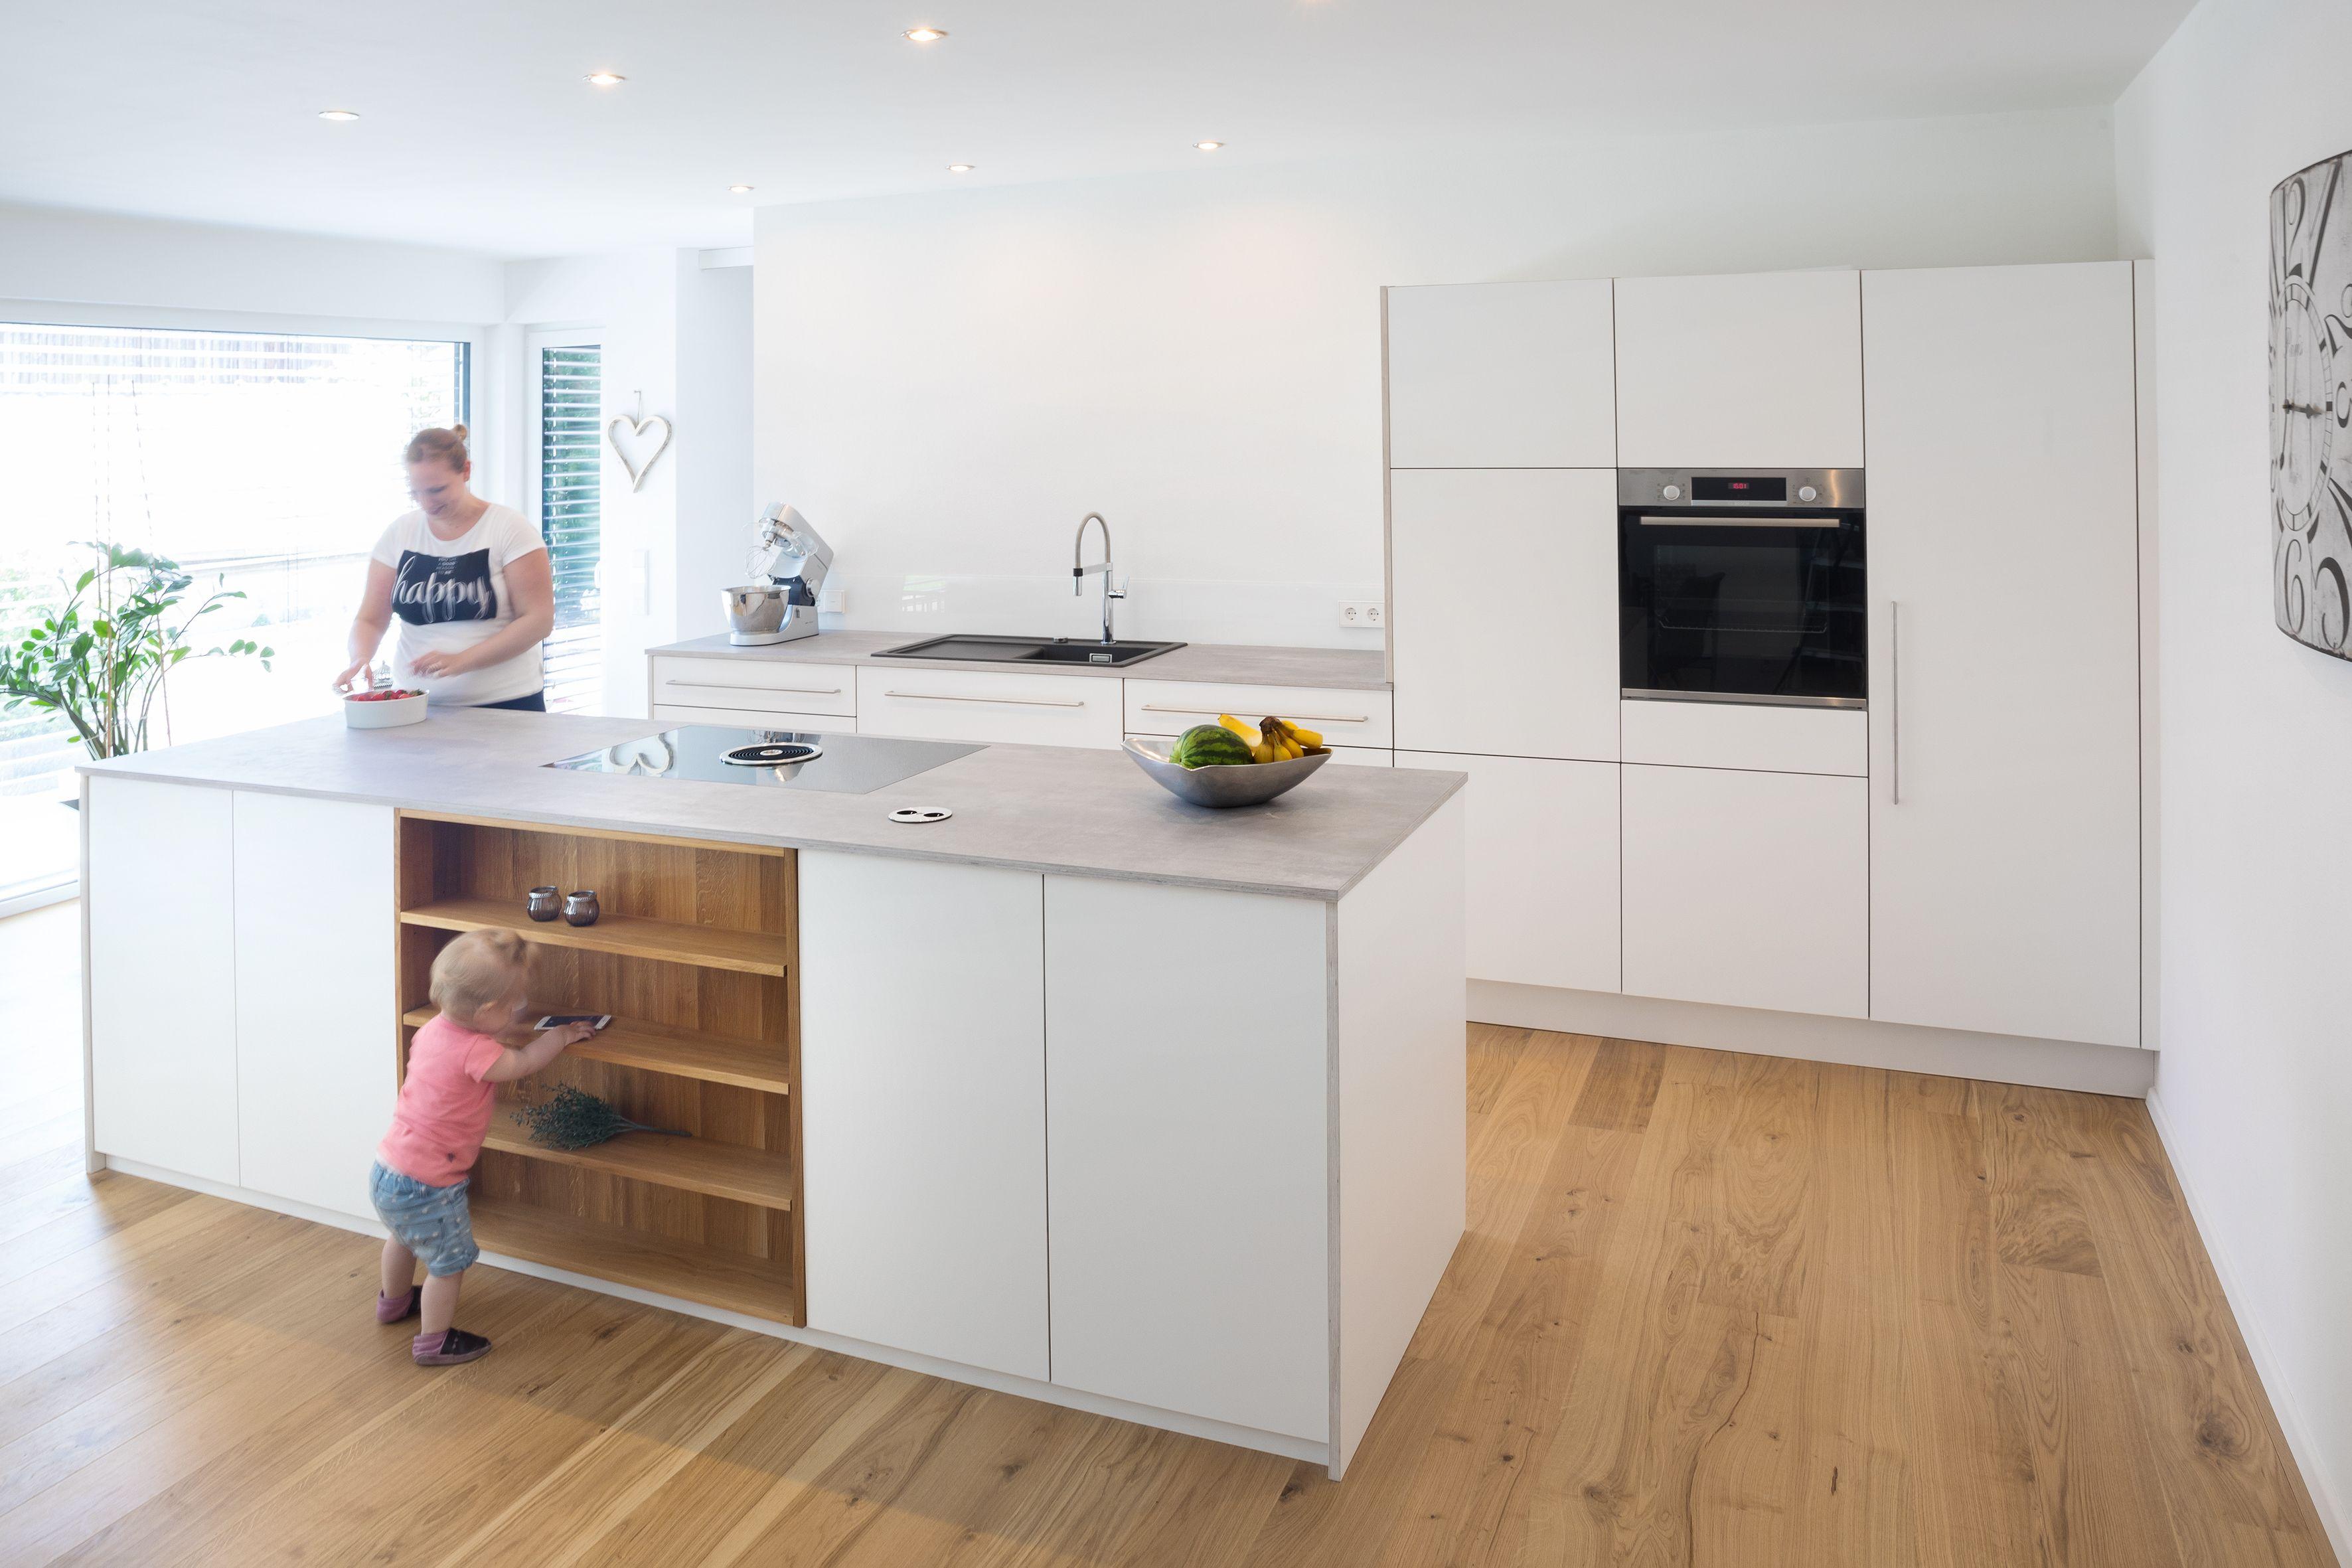 Offenes Kuchenkonzept Mit Kochinsel Als Zentraler Raum Fur Die Ganze Familie Haus Kuchen Kuche Block Kuche Planen